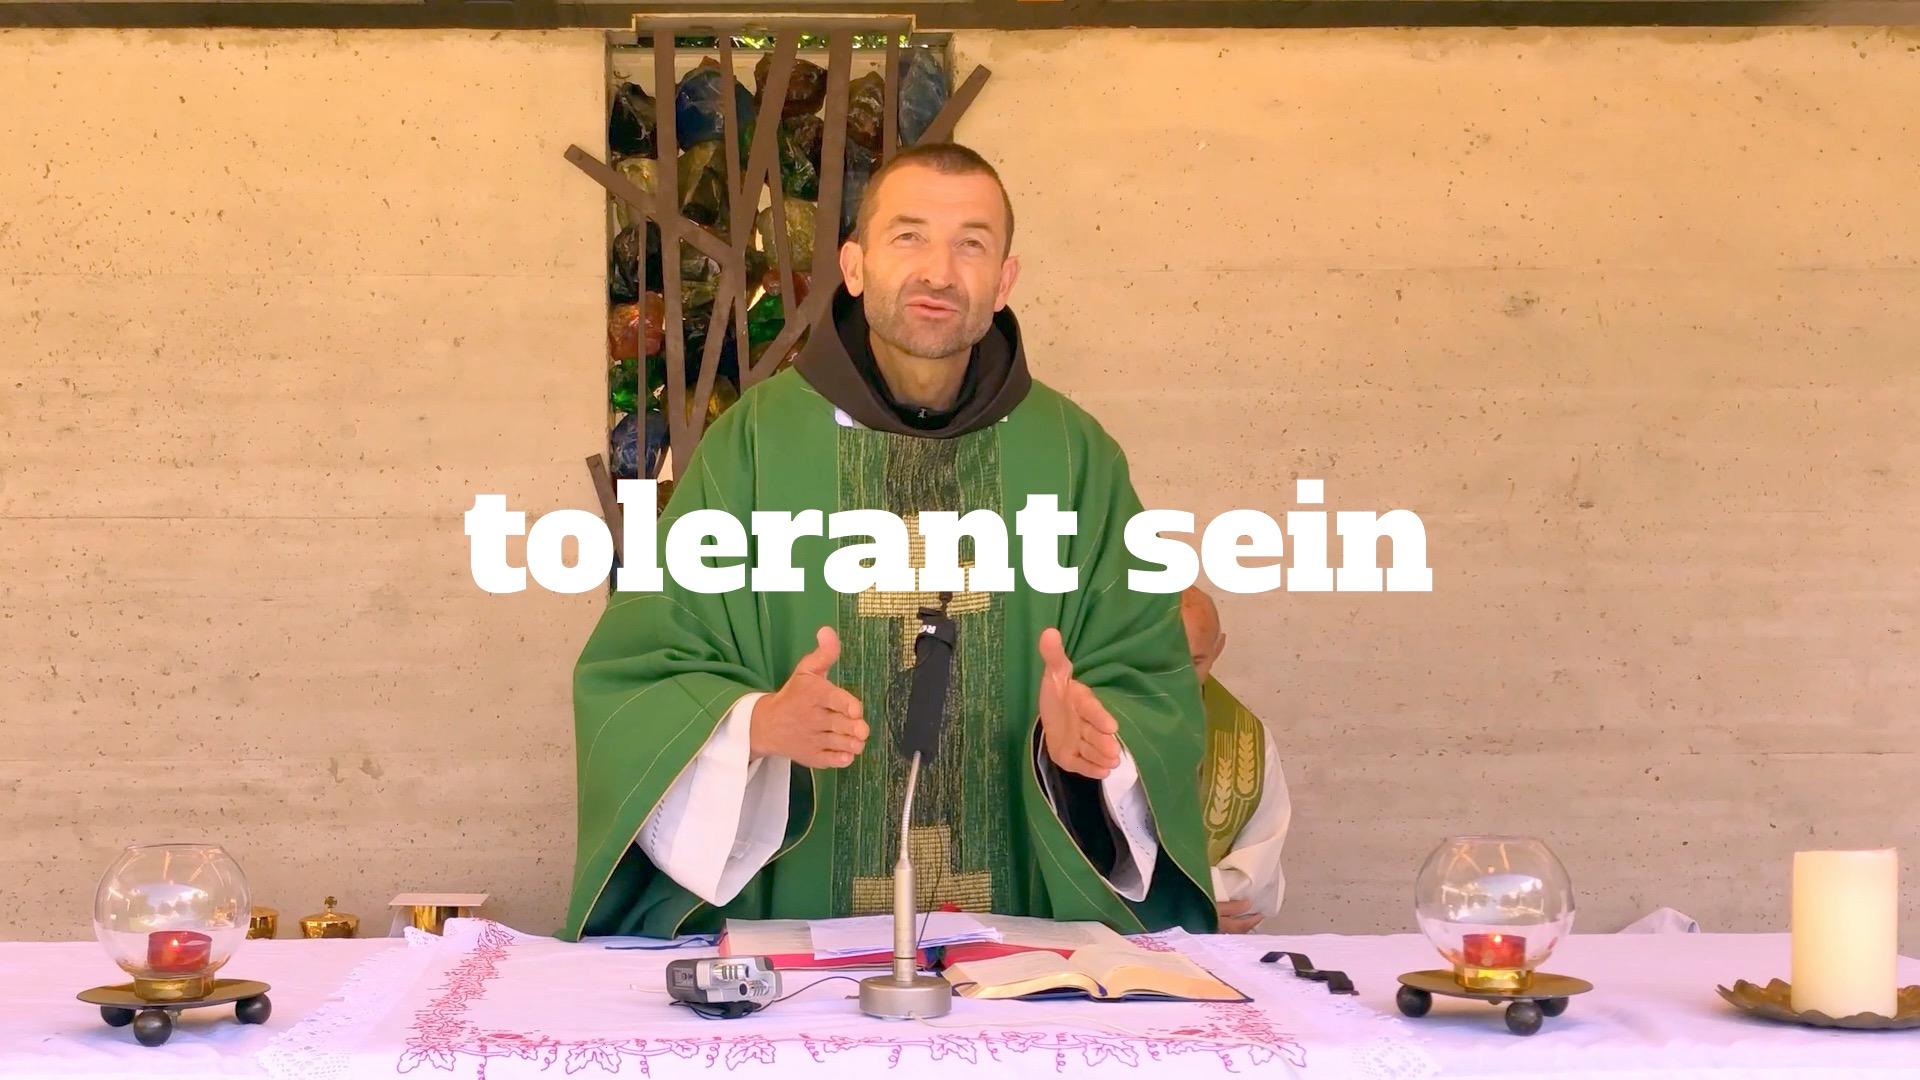 Tolerant sein